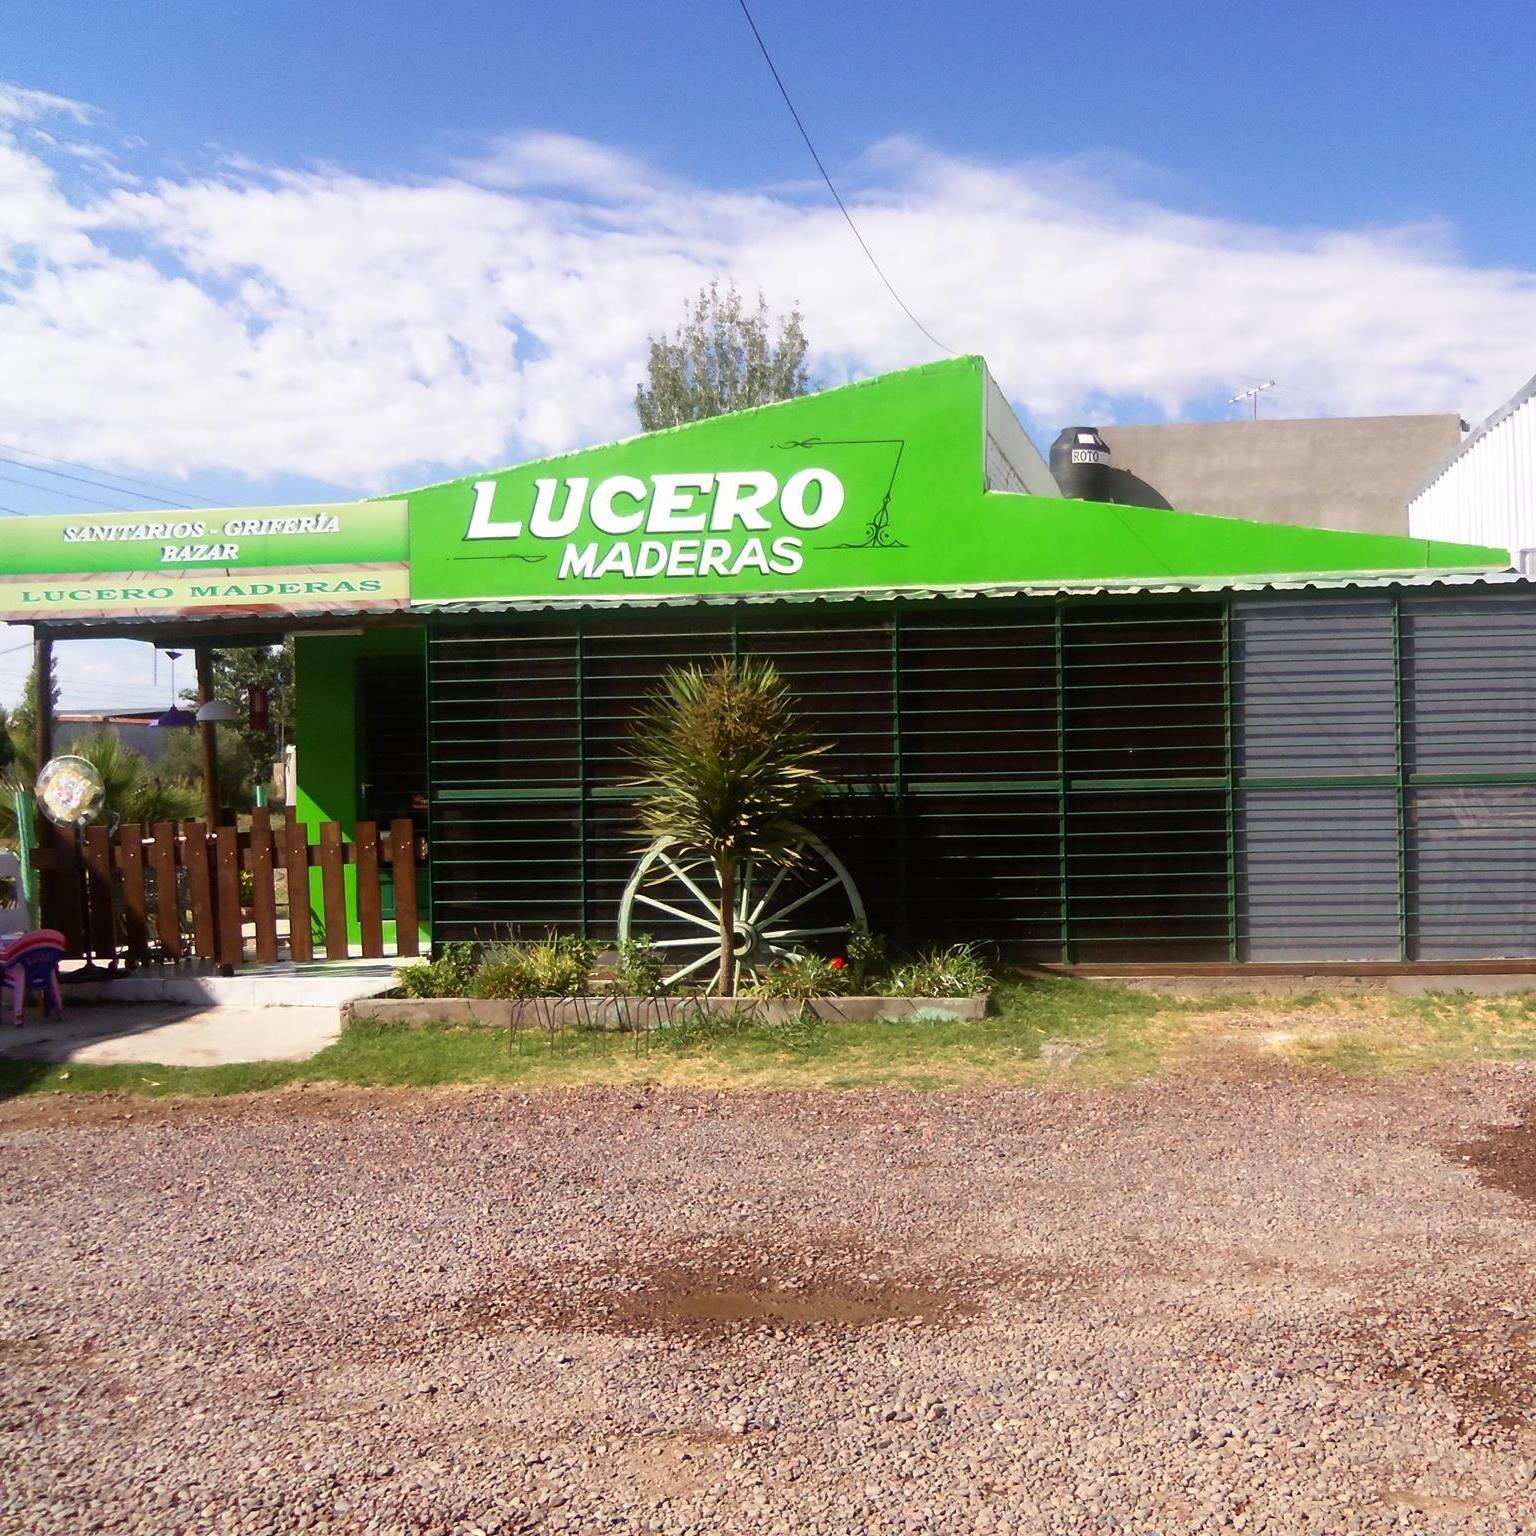 LUCERO MADERA